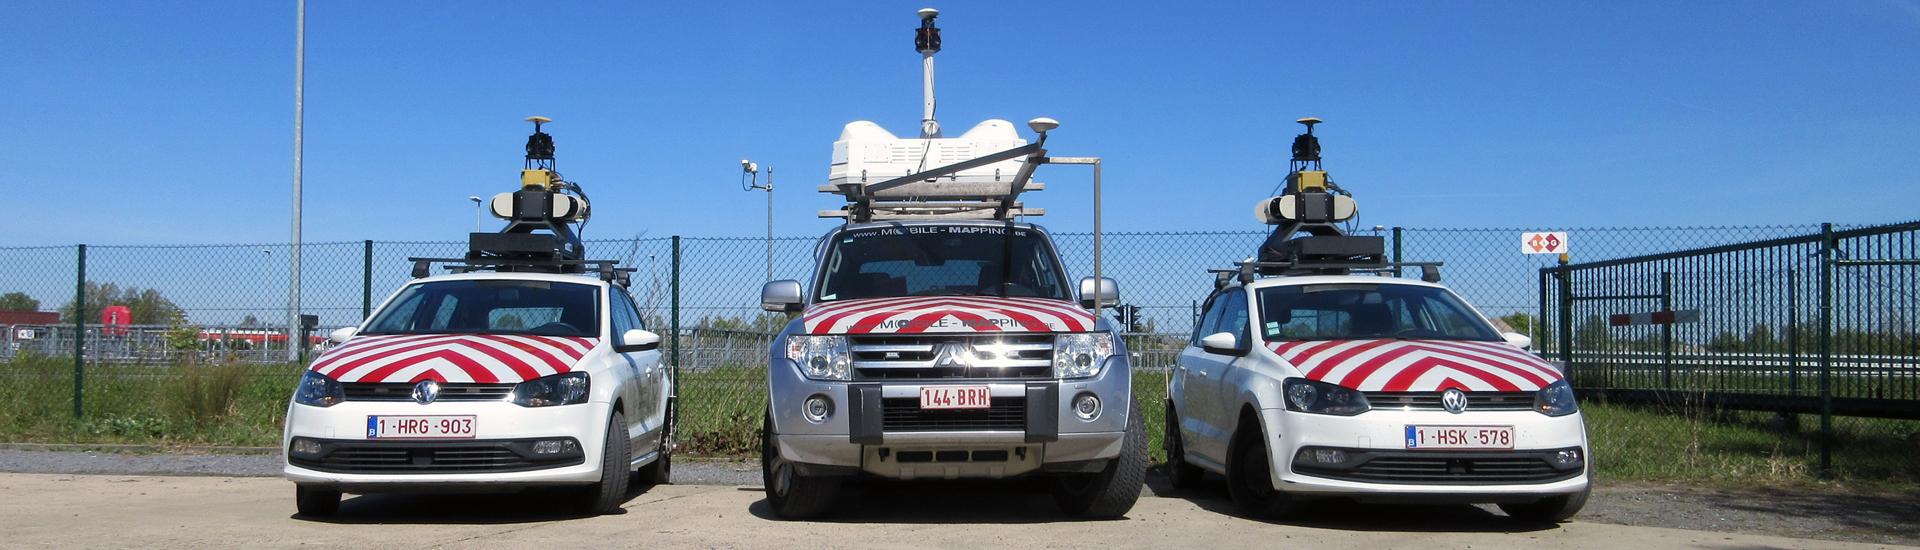 De 3 mobile mappers van Teccon